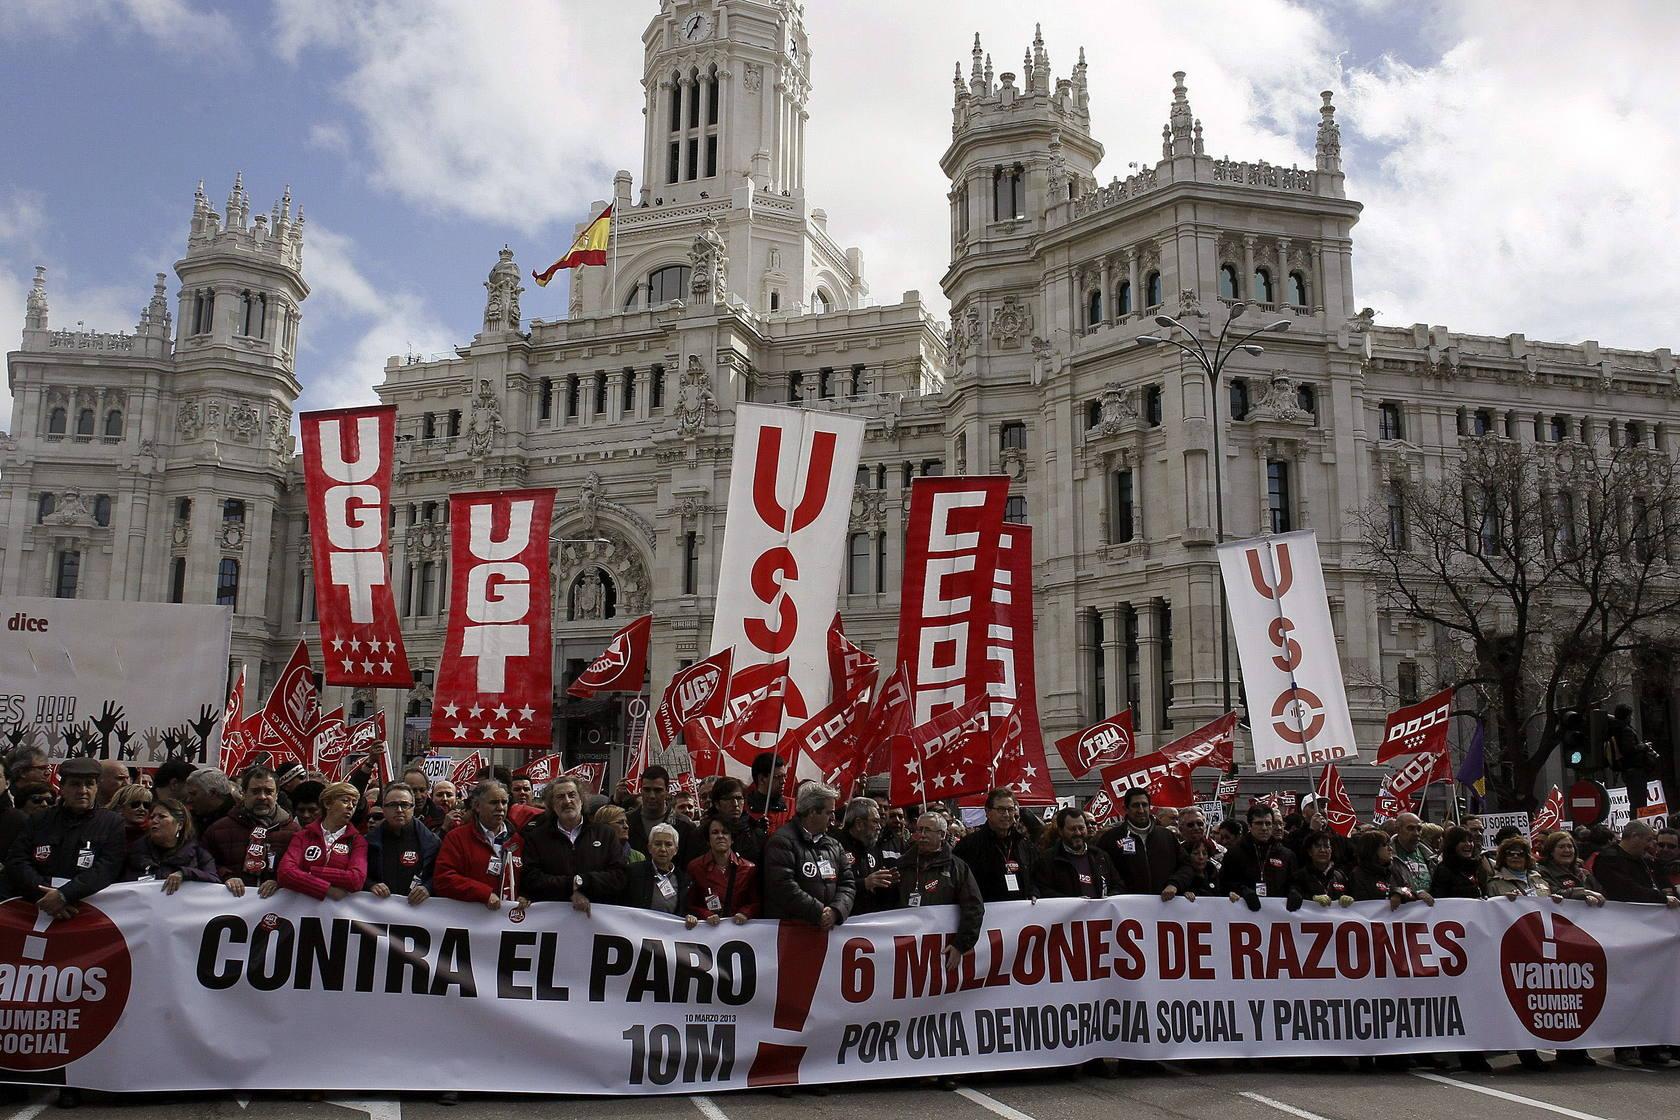 Miles de personas claman contra los recortes y el paro